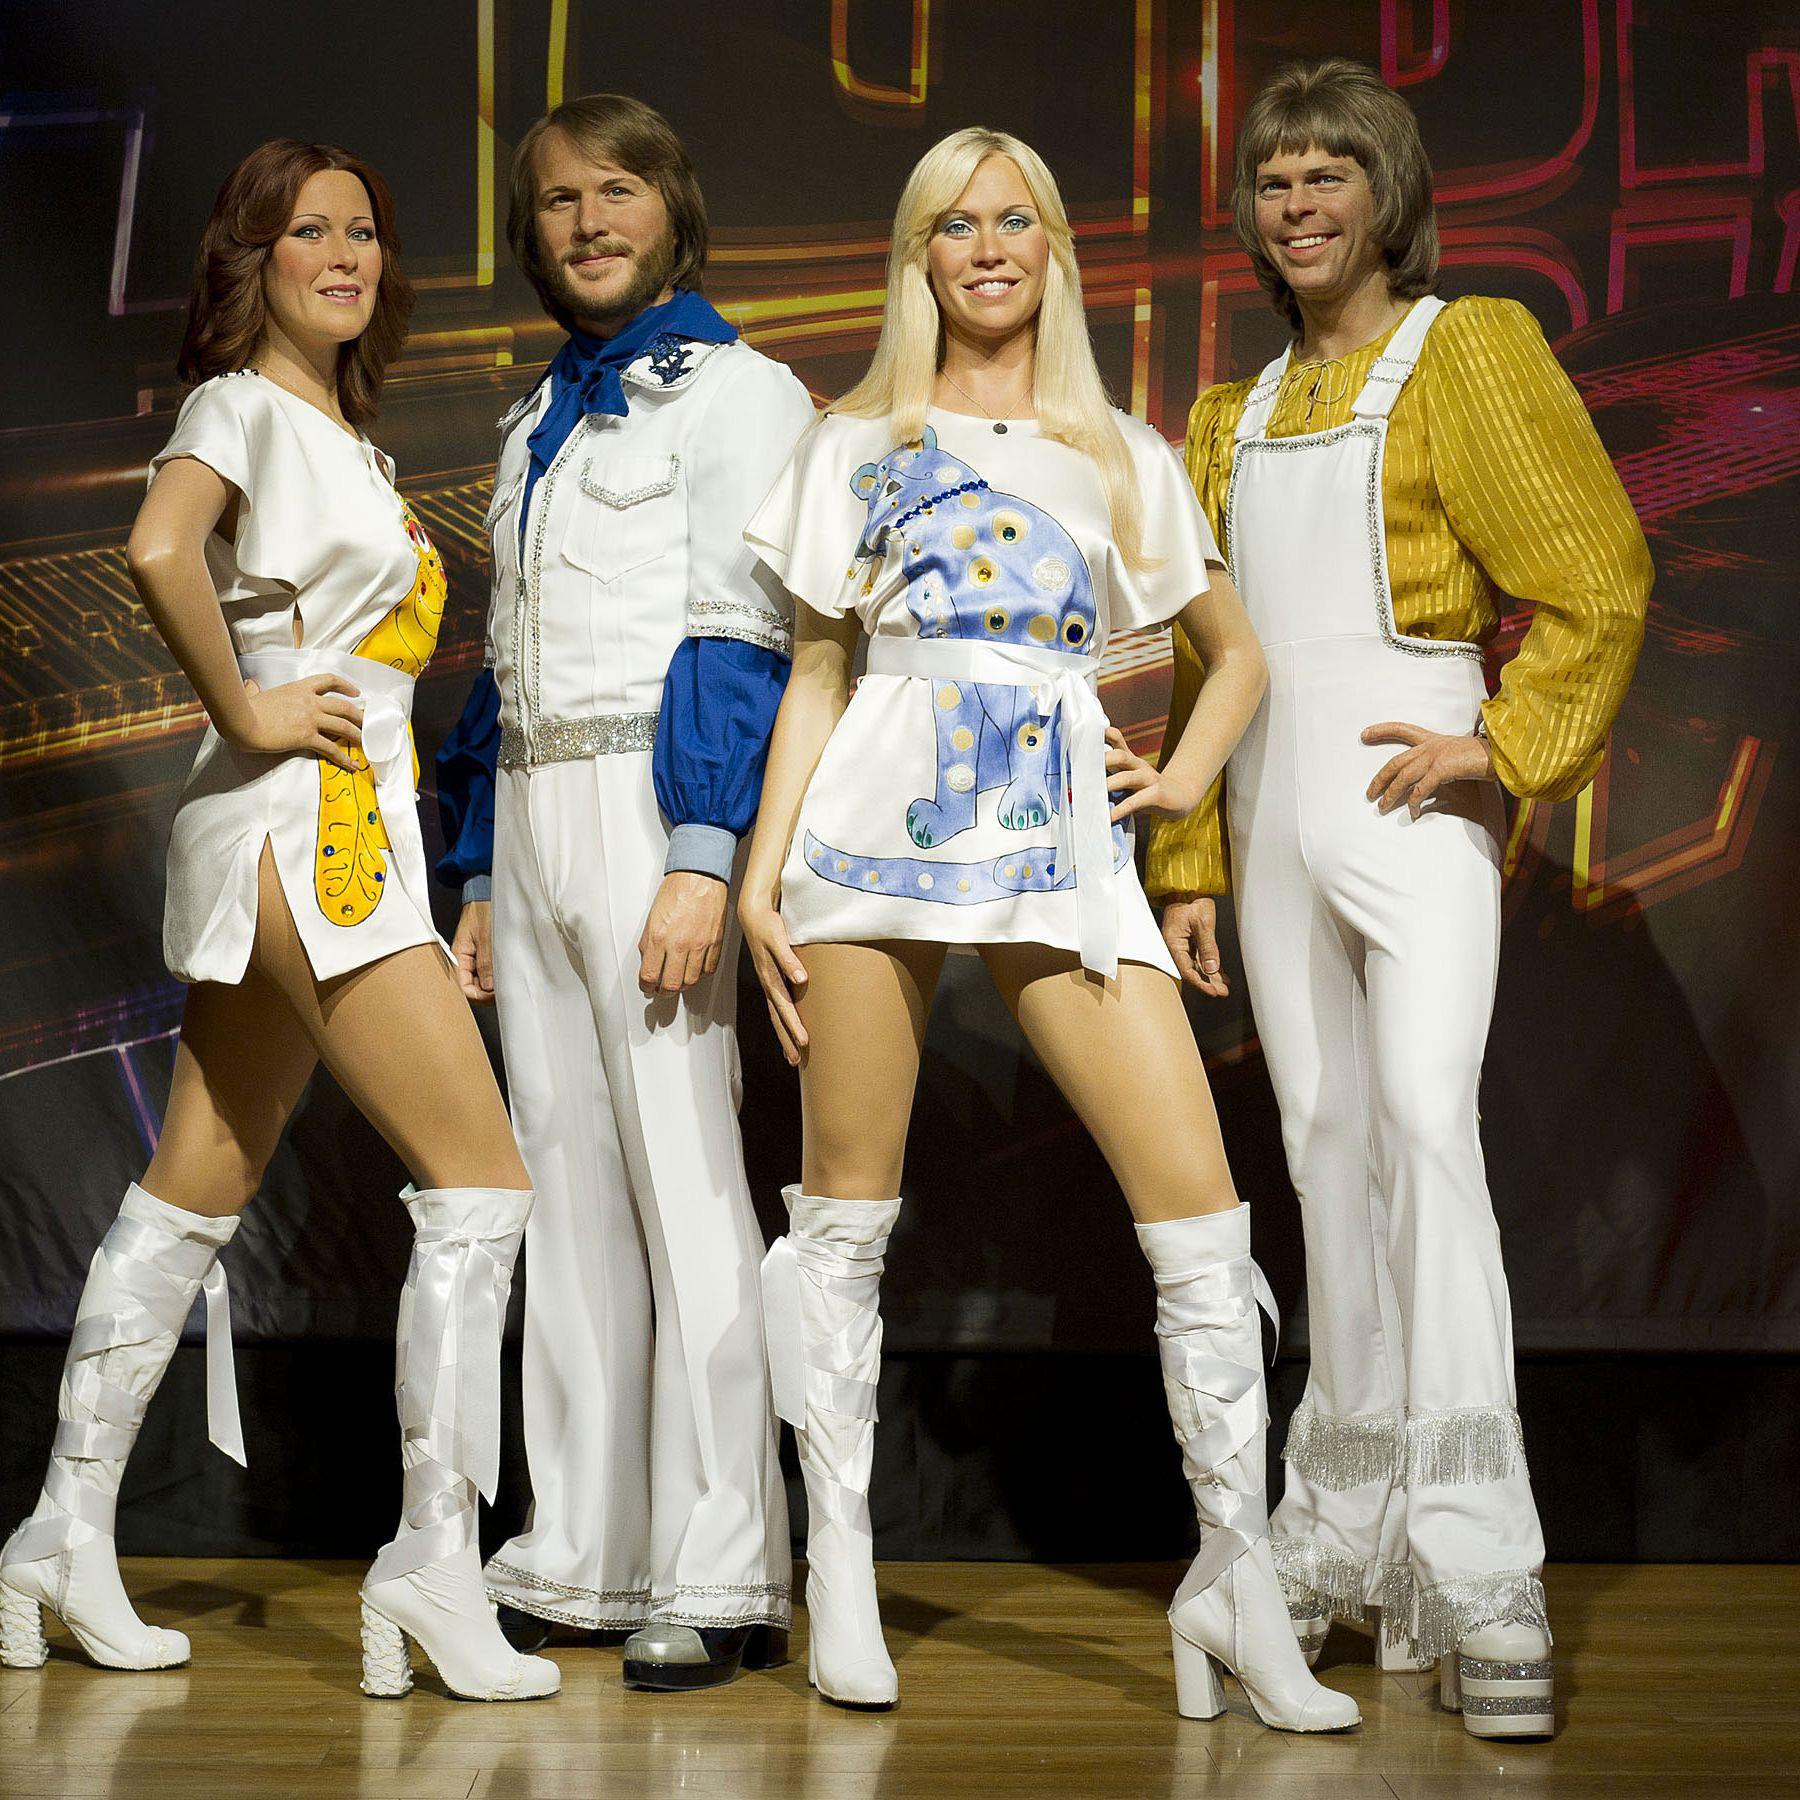 Tại sao chúng ta yêu thích ABBA đến thế? - Ảnh 6.